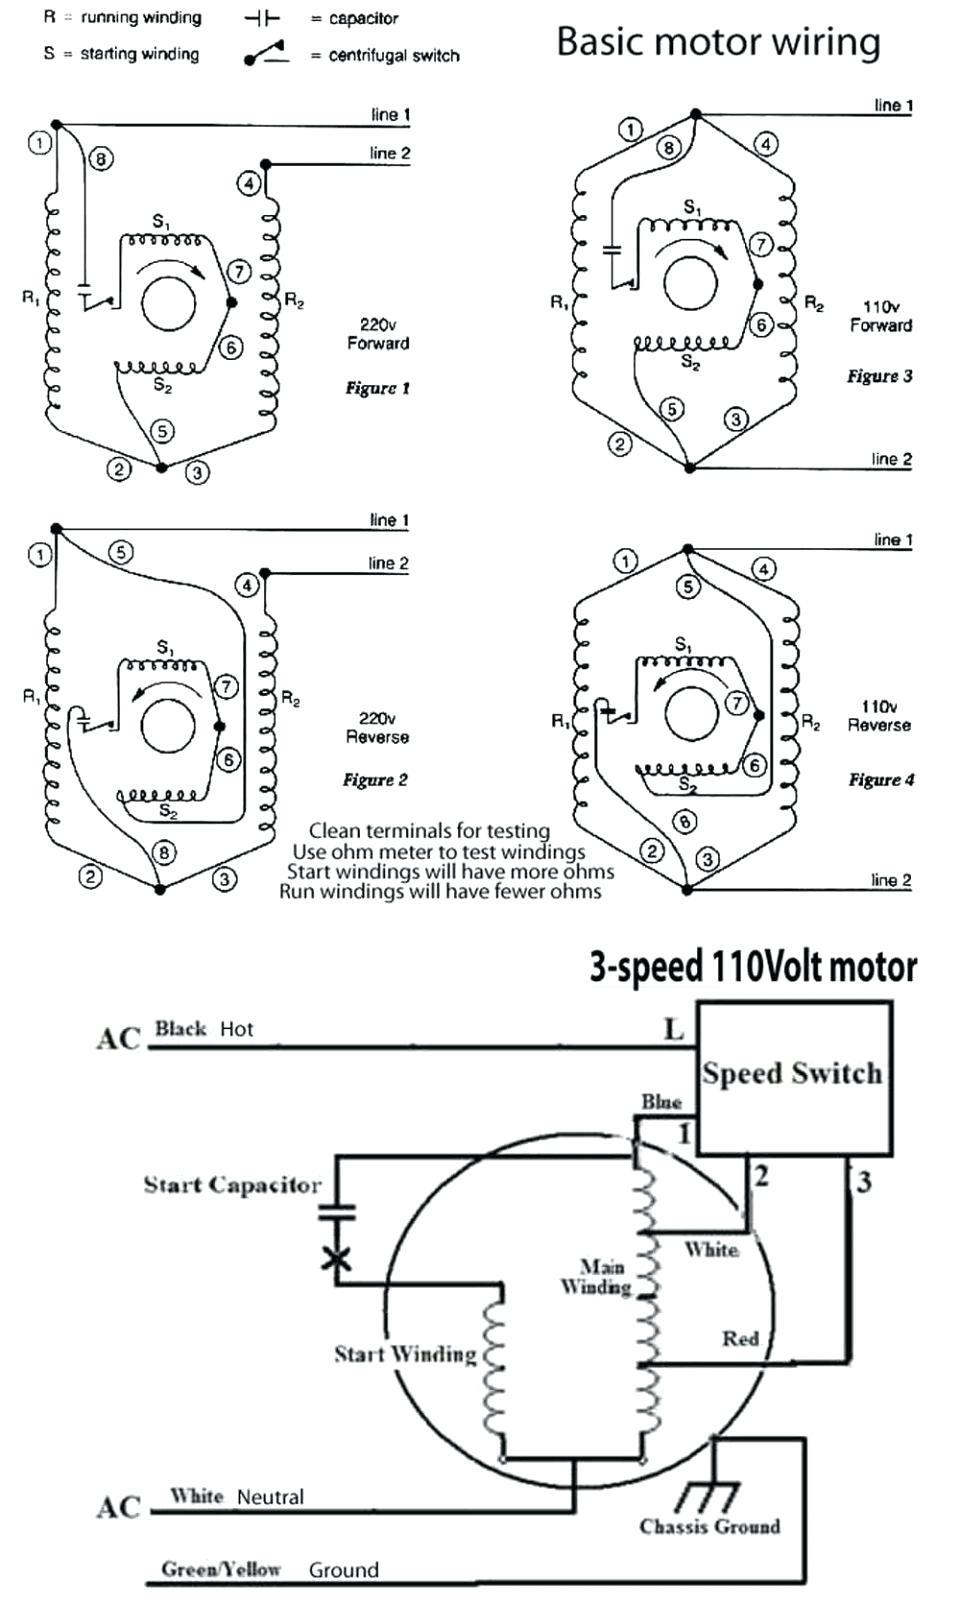 T2000 Ac Wiring - Schematics Online on wiring-diagram kenworth t800, wiring-diagram kenworth t2000, wiring-diagram nissan tiida,